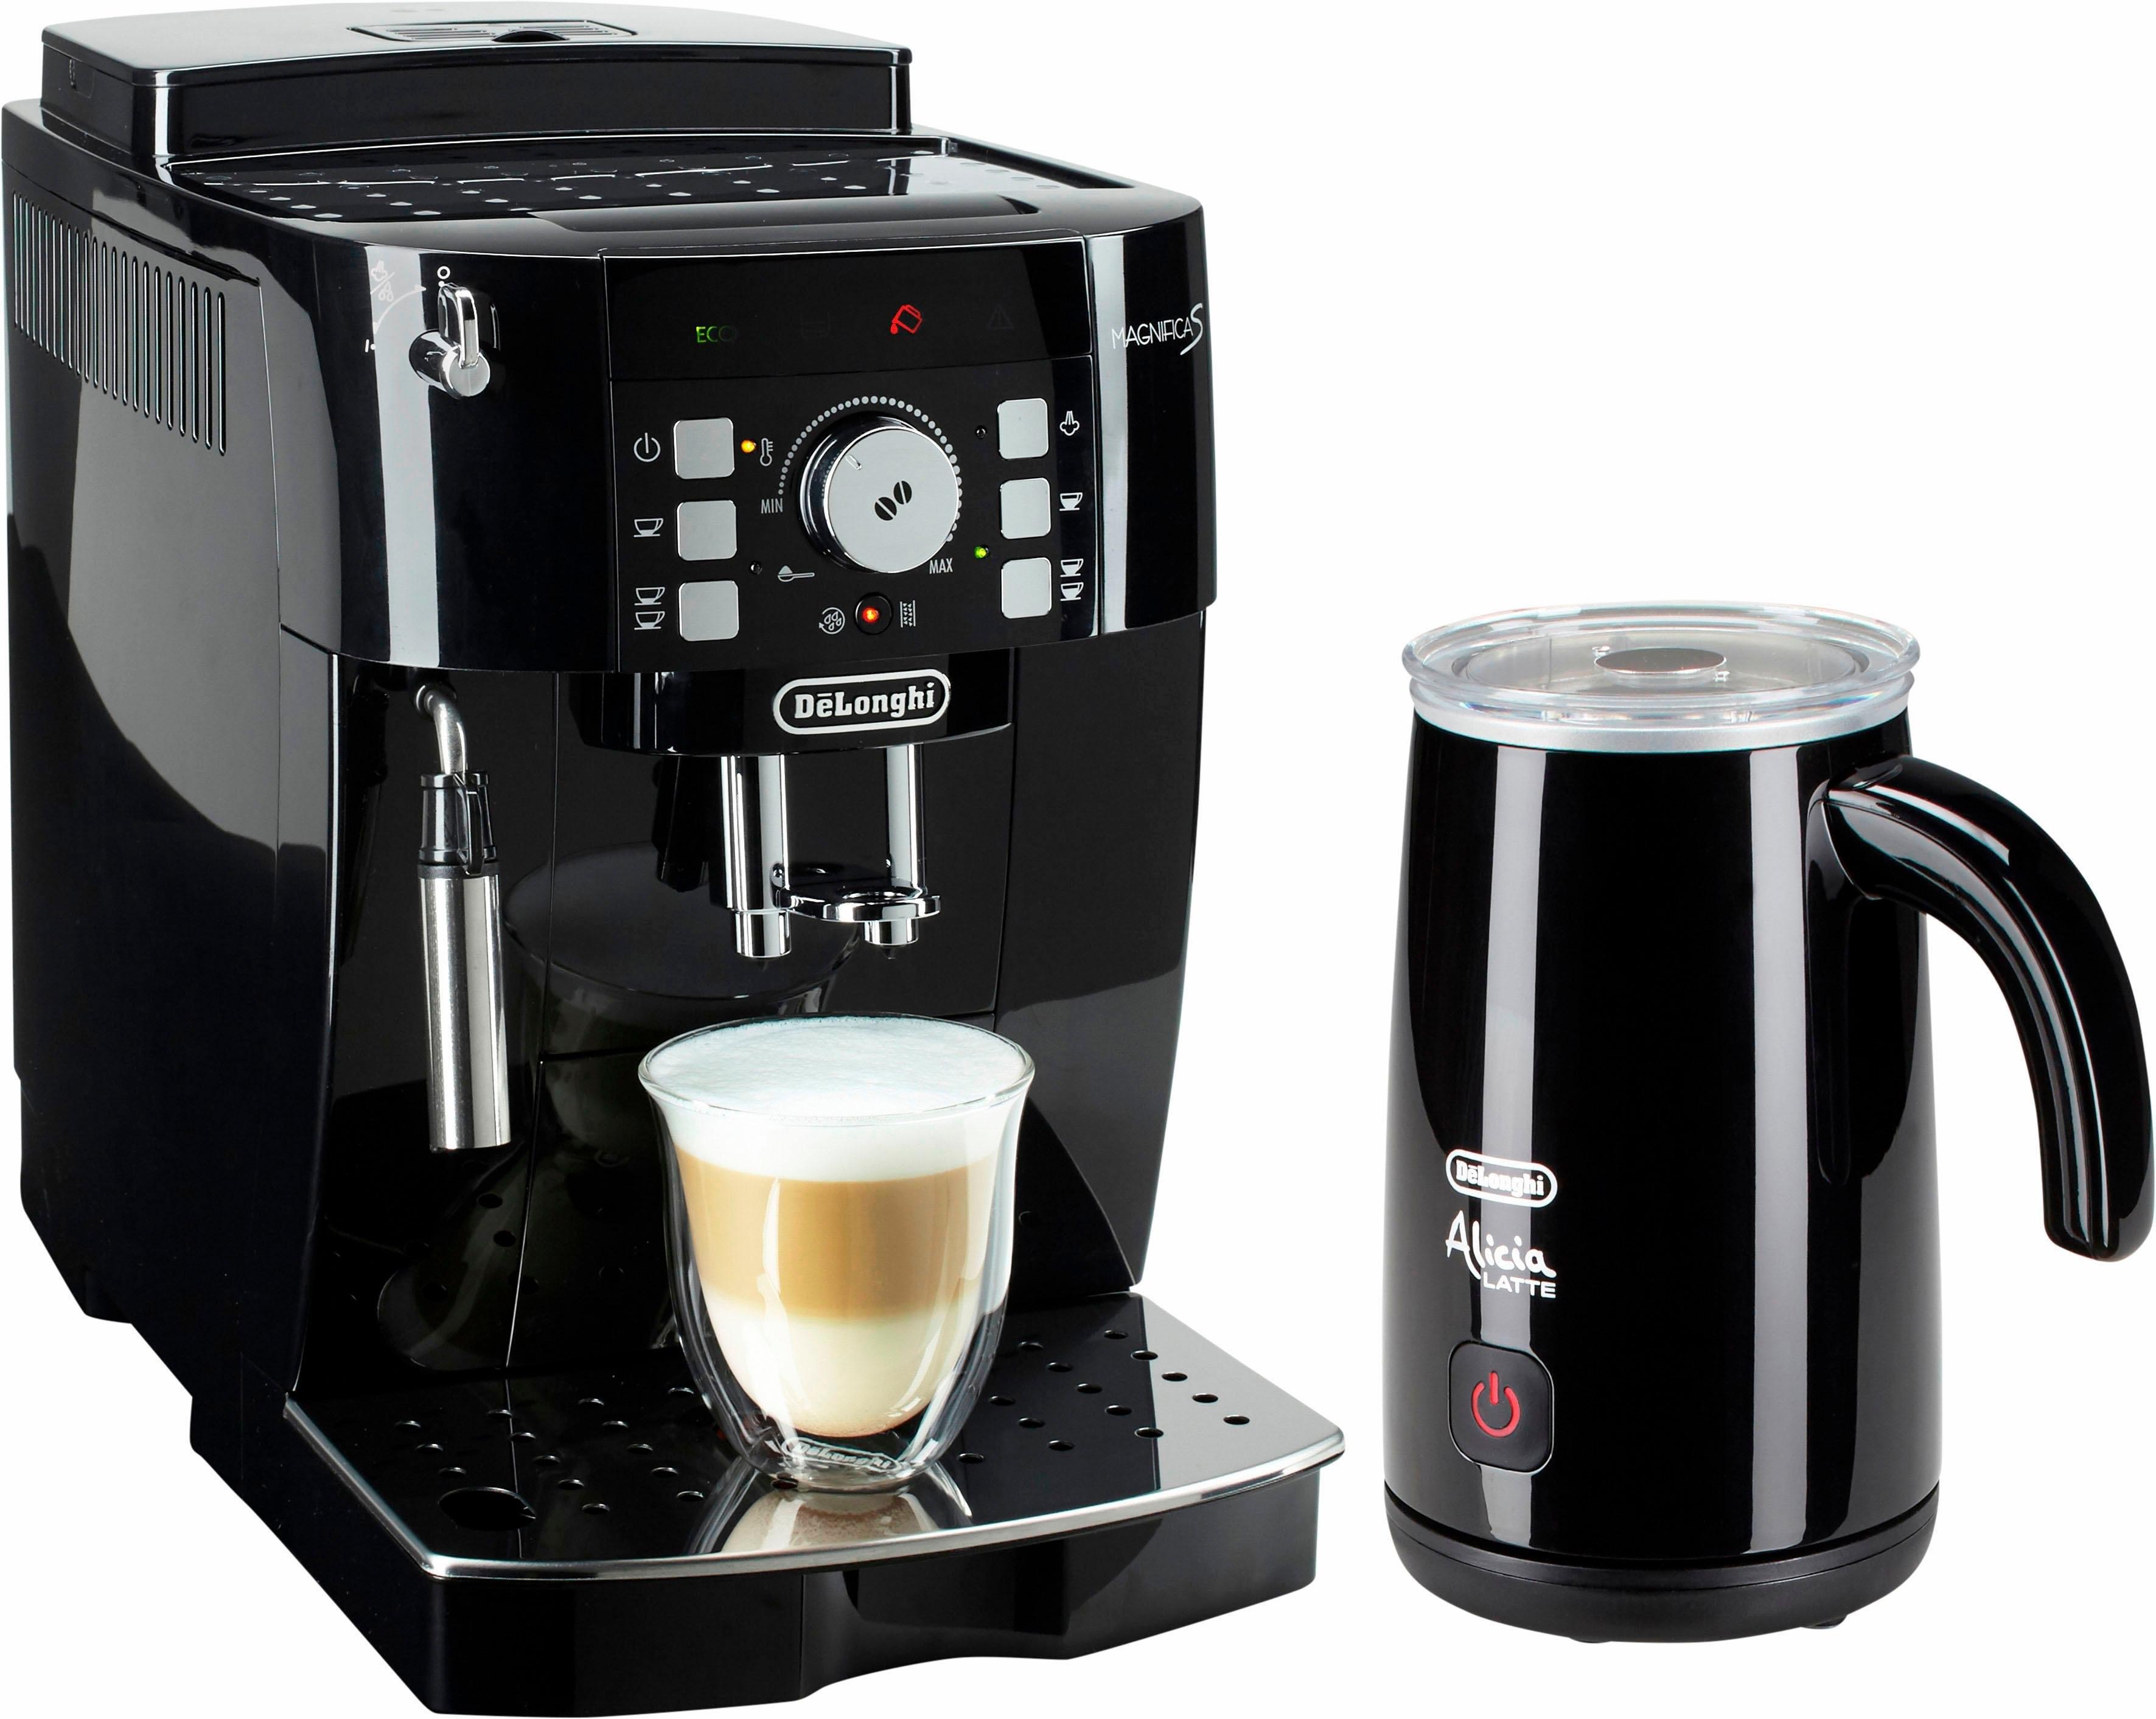 De'longhi Delonghi volautomatisch koffiezetapparaat ECAM 21.118.B, met melkopschuimer, zwart in de webshop van OTTO kopen